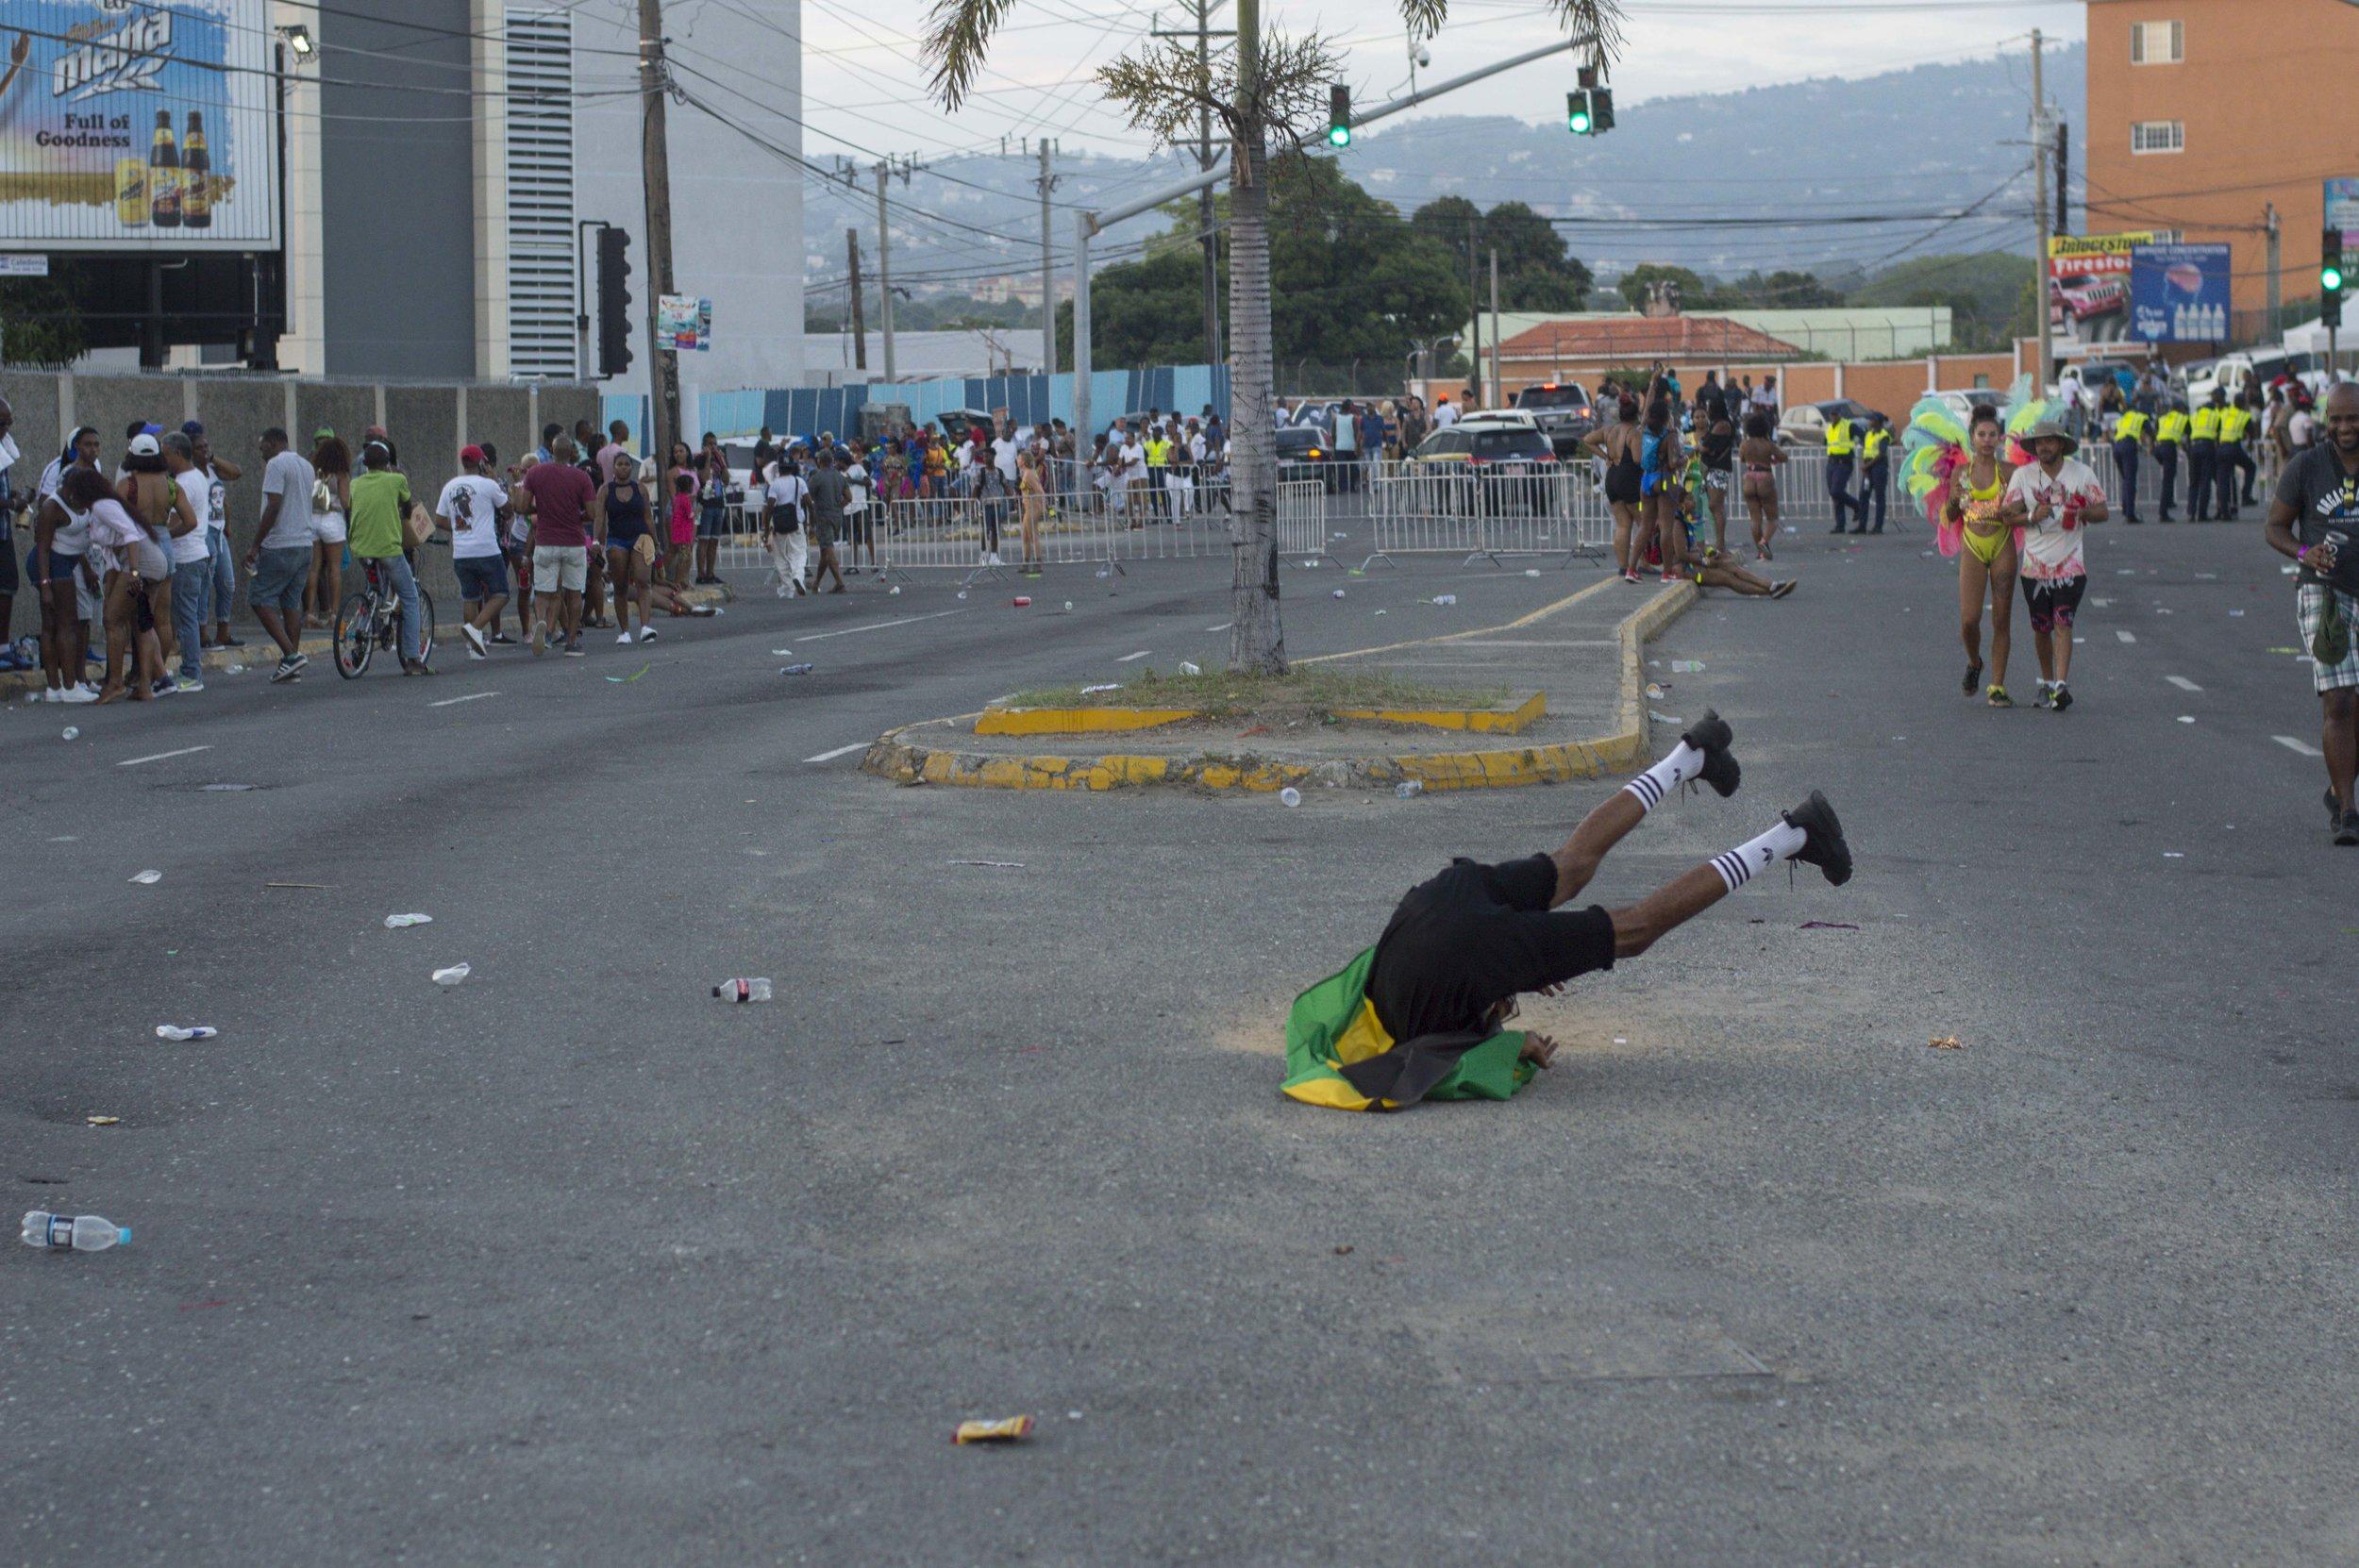 carnival2019_jeanalindo-72.jpg